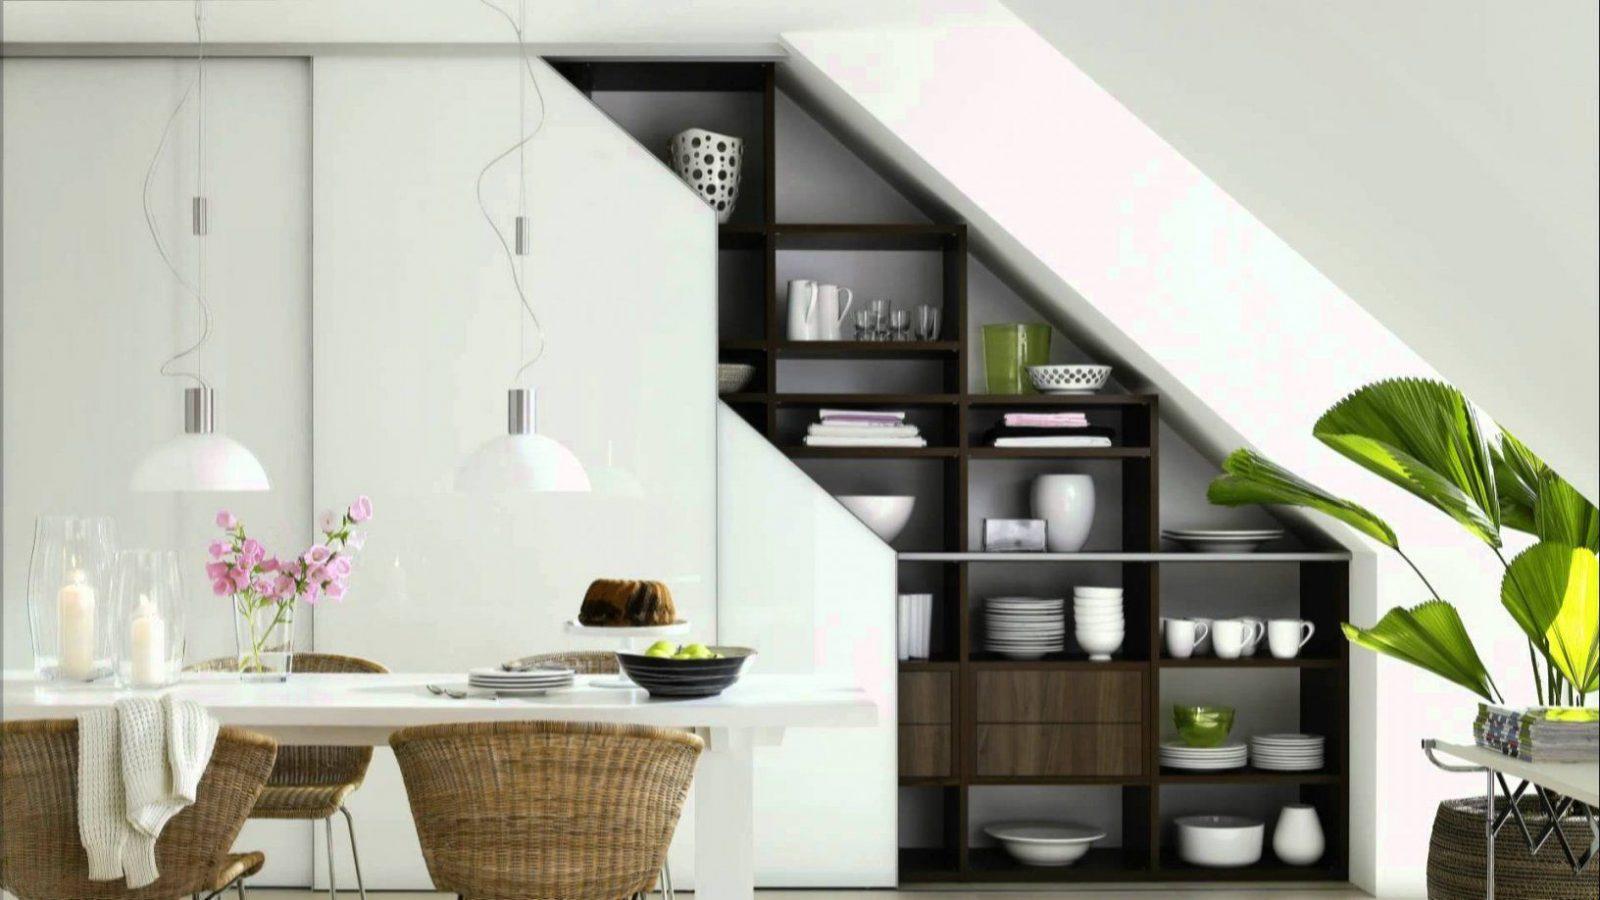 Schiebetüren Raumteiler Oder Begehbarer Kleiderschrank  Topateam von Kleiderschrank Schiebetüren Selber Bauen Bild